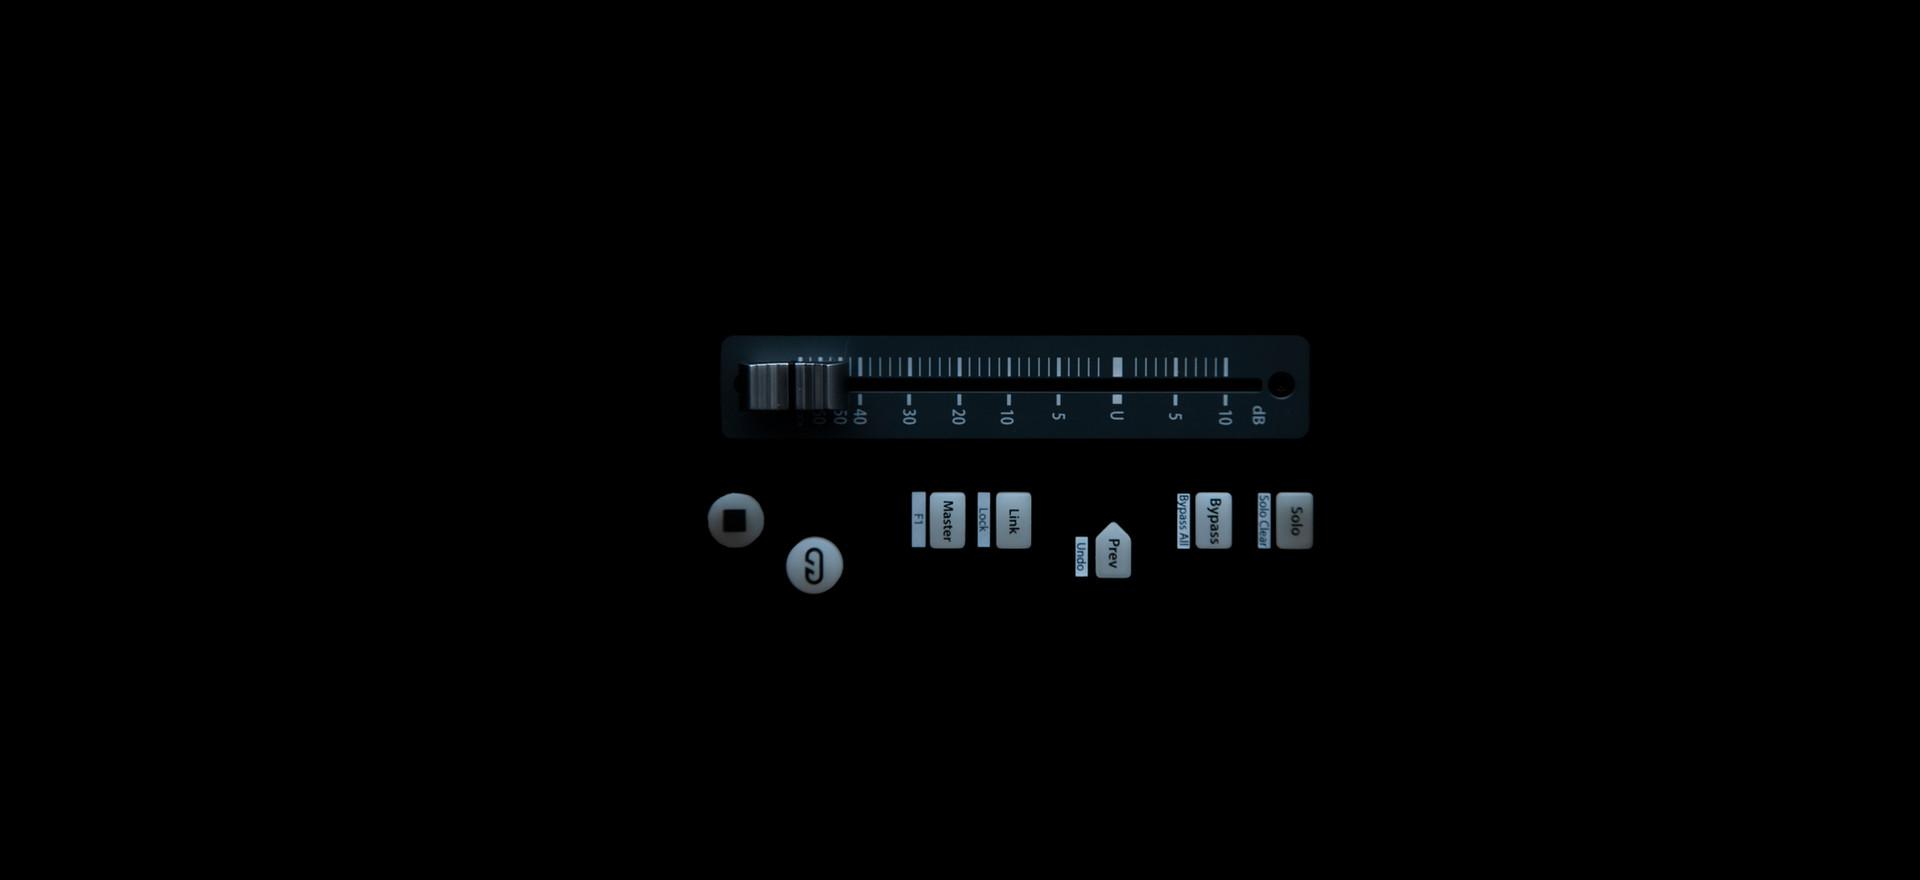 presonus Black panel mid size.jpg